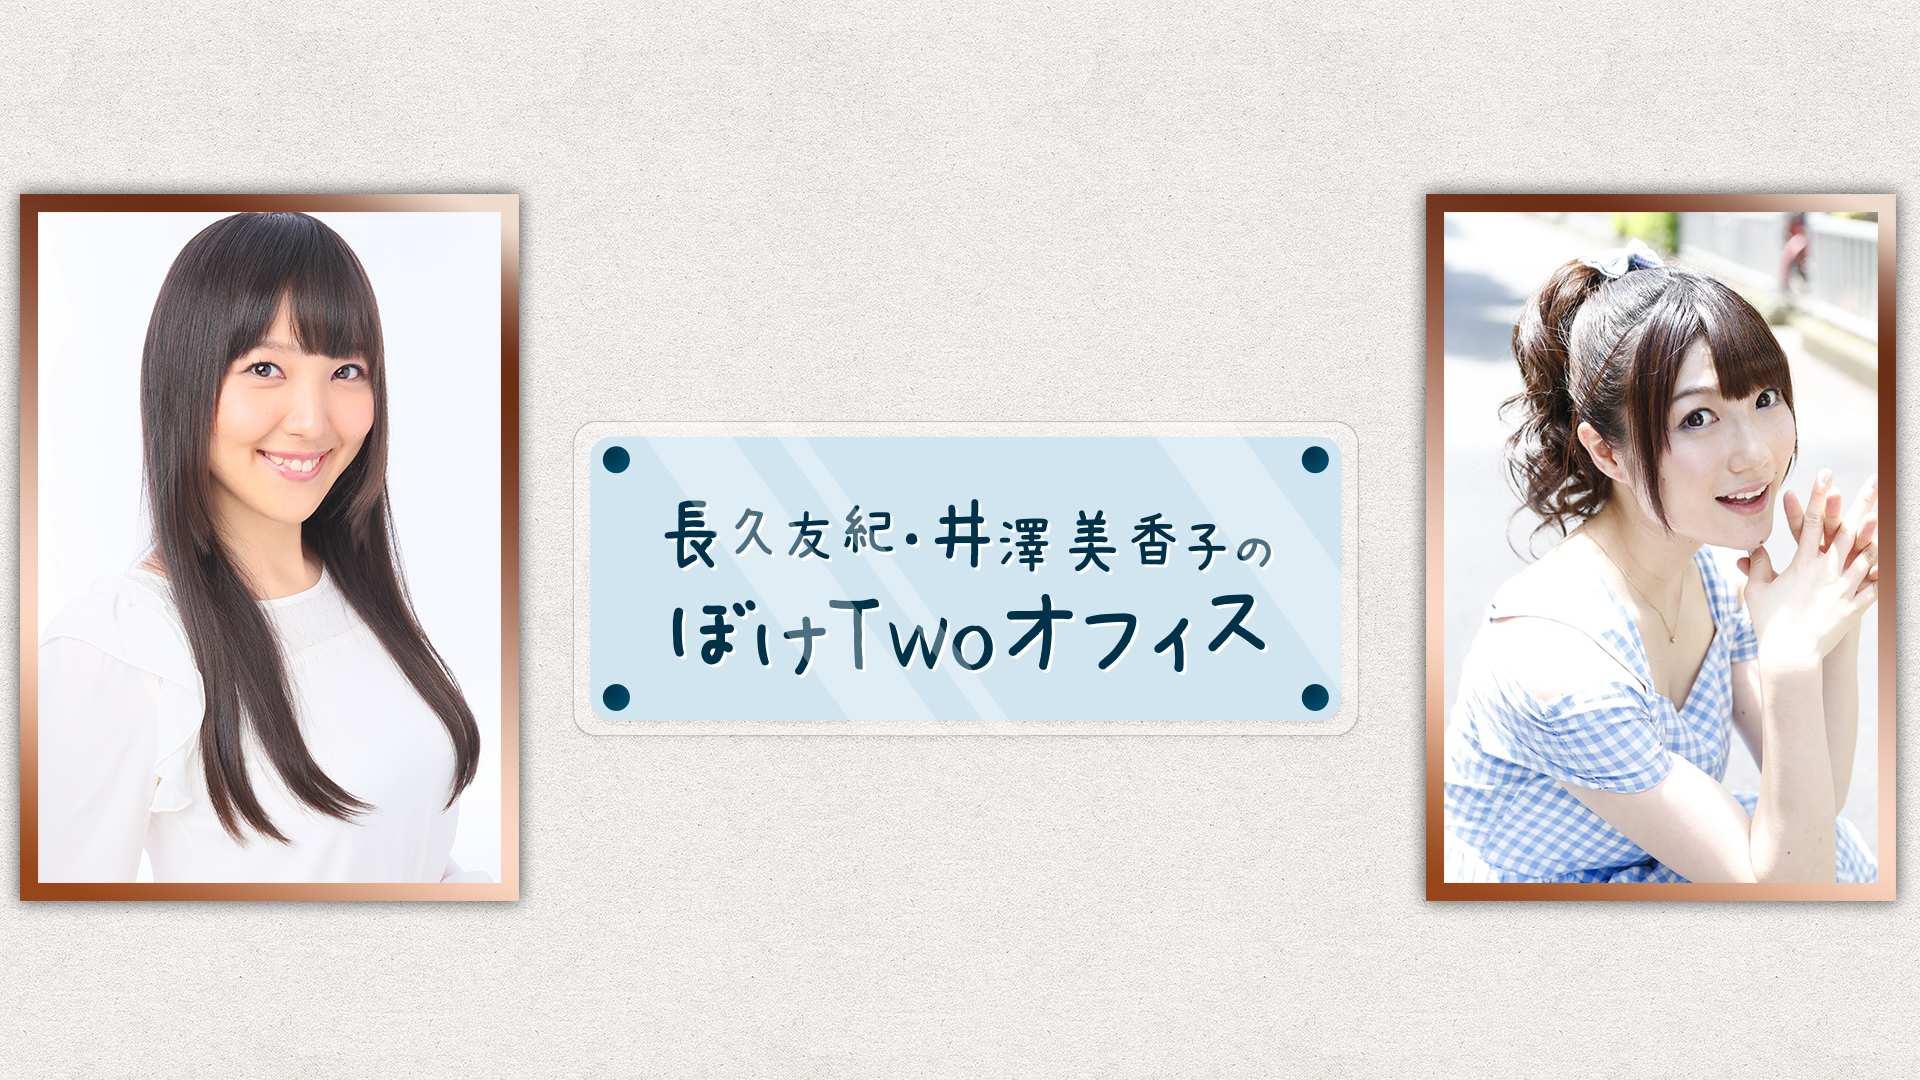 長久友紀・井澤美香子のぼけTwoオフィス 1st... 長久友紀・井澤美香子のぼけTwoオフィス